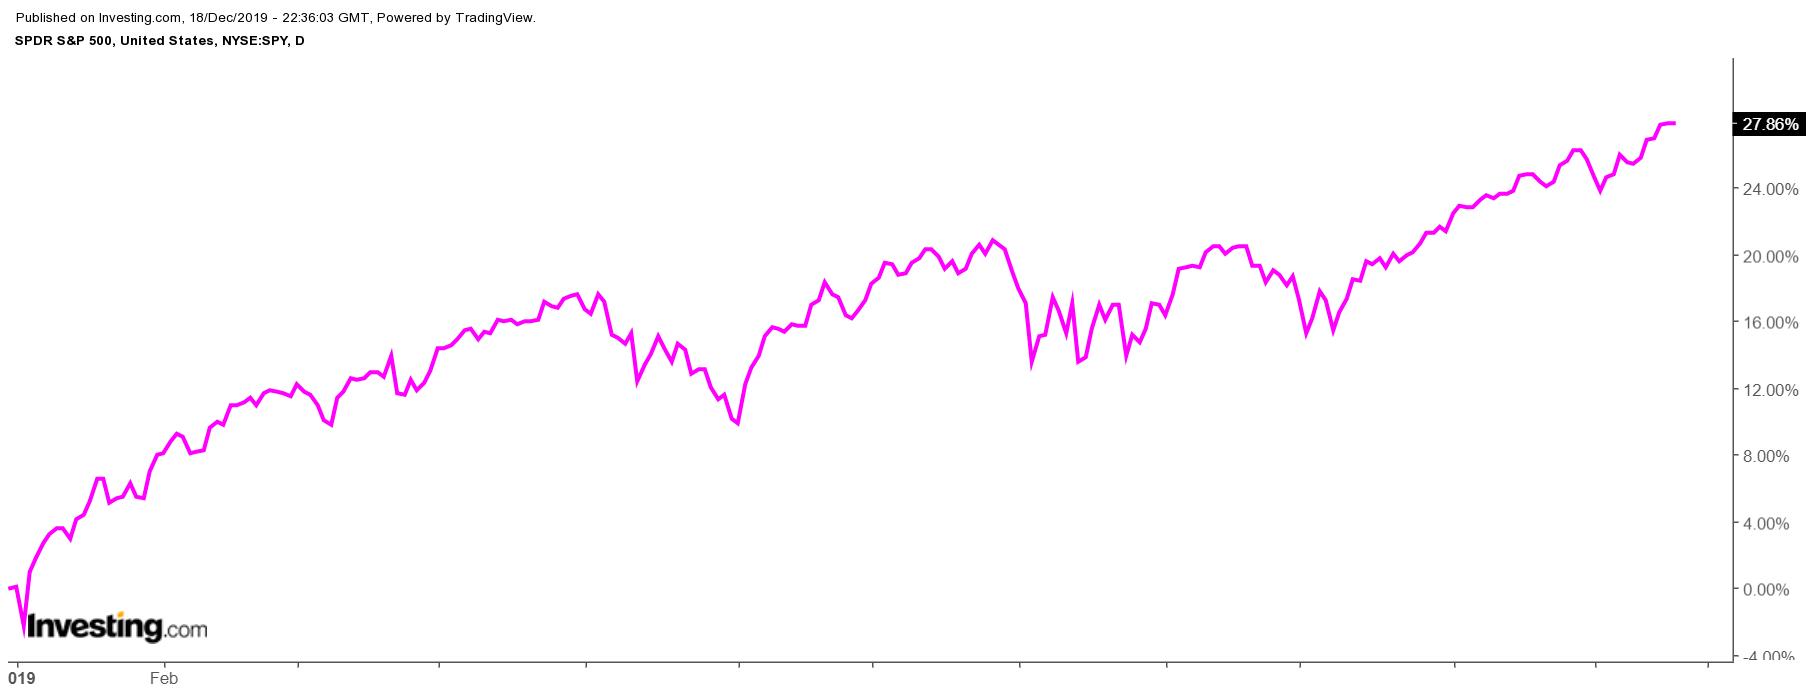 SPDR S&P 500 Diário